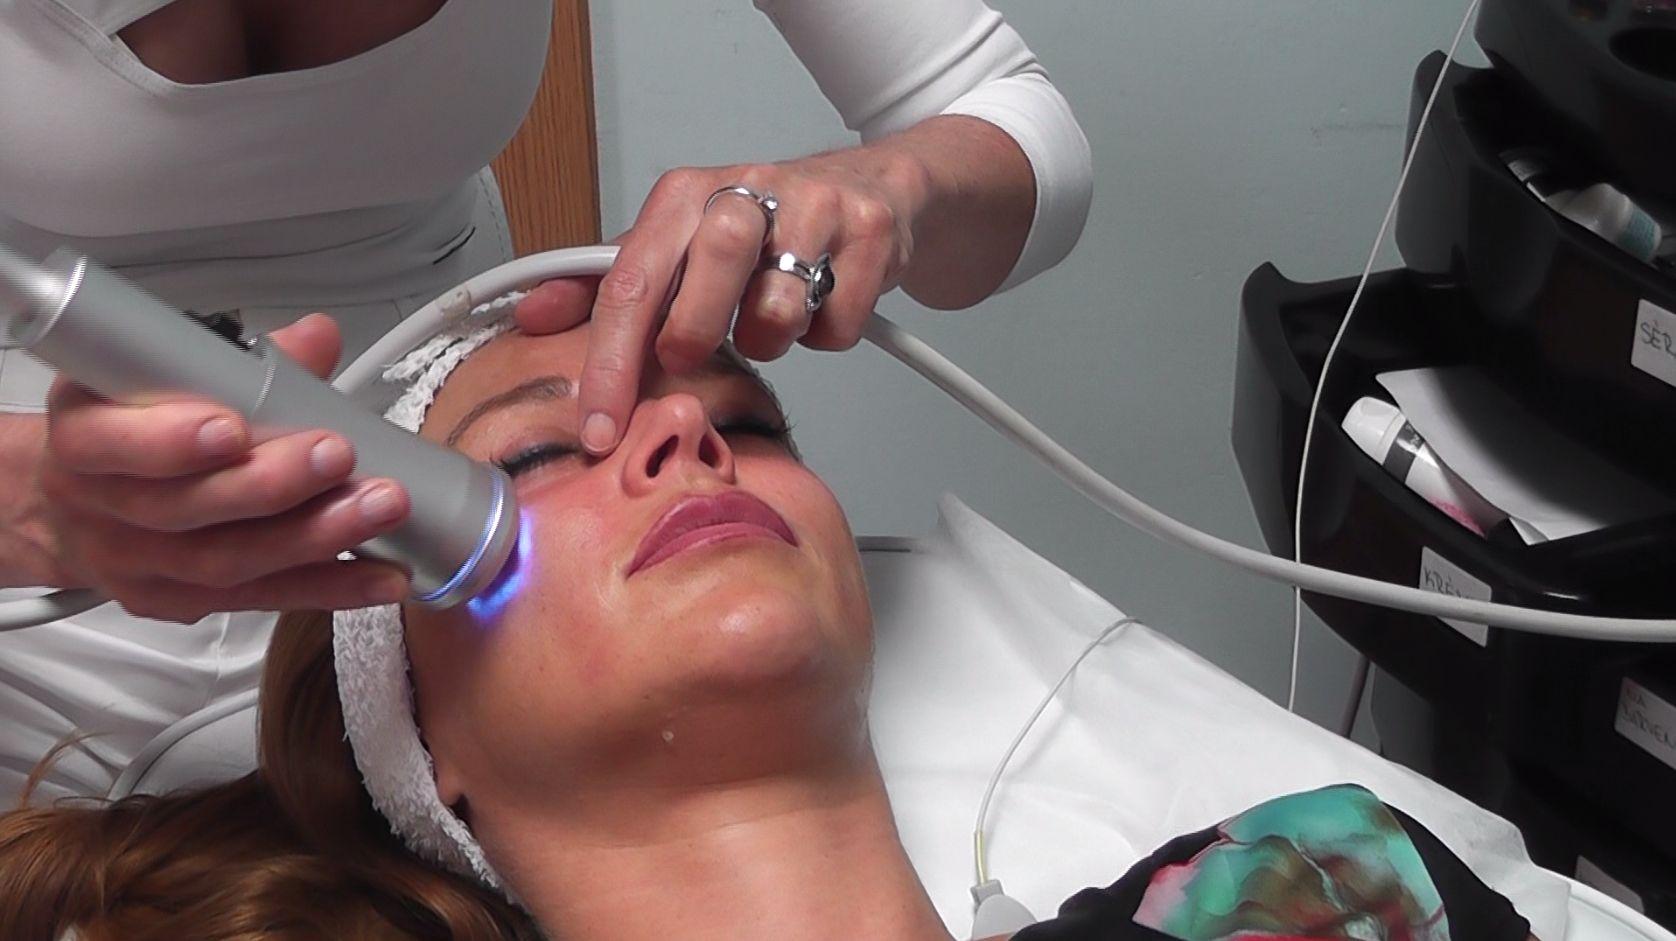 Sauerstoffbehandlung Oxyjet glattere straffere Haut, Clietin bei der Verfahren. Prag 9.